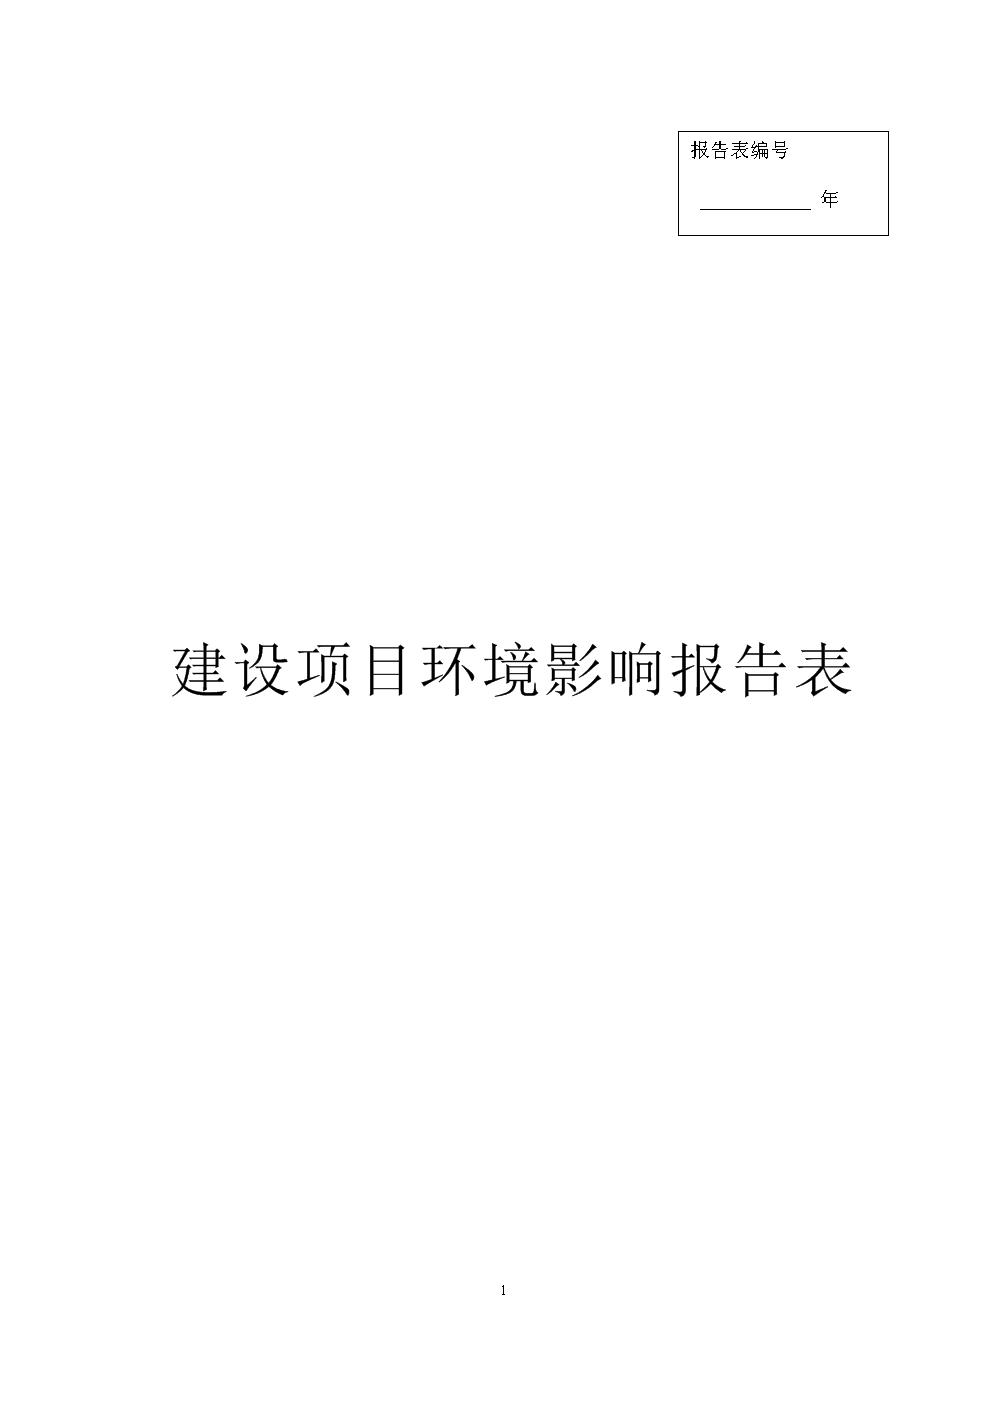 佛山市蓝宇阳光饮料有限公司建设项目环境影响报告表.docx